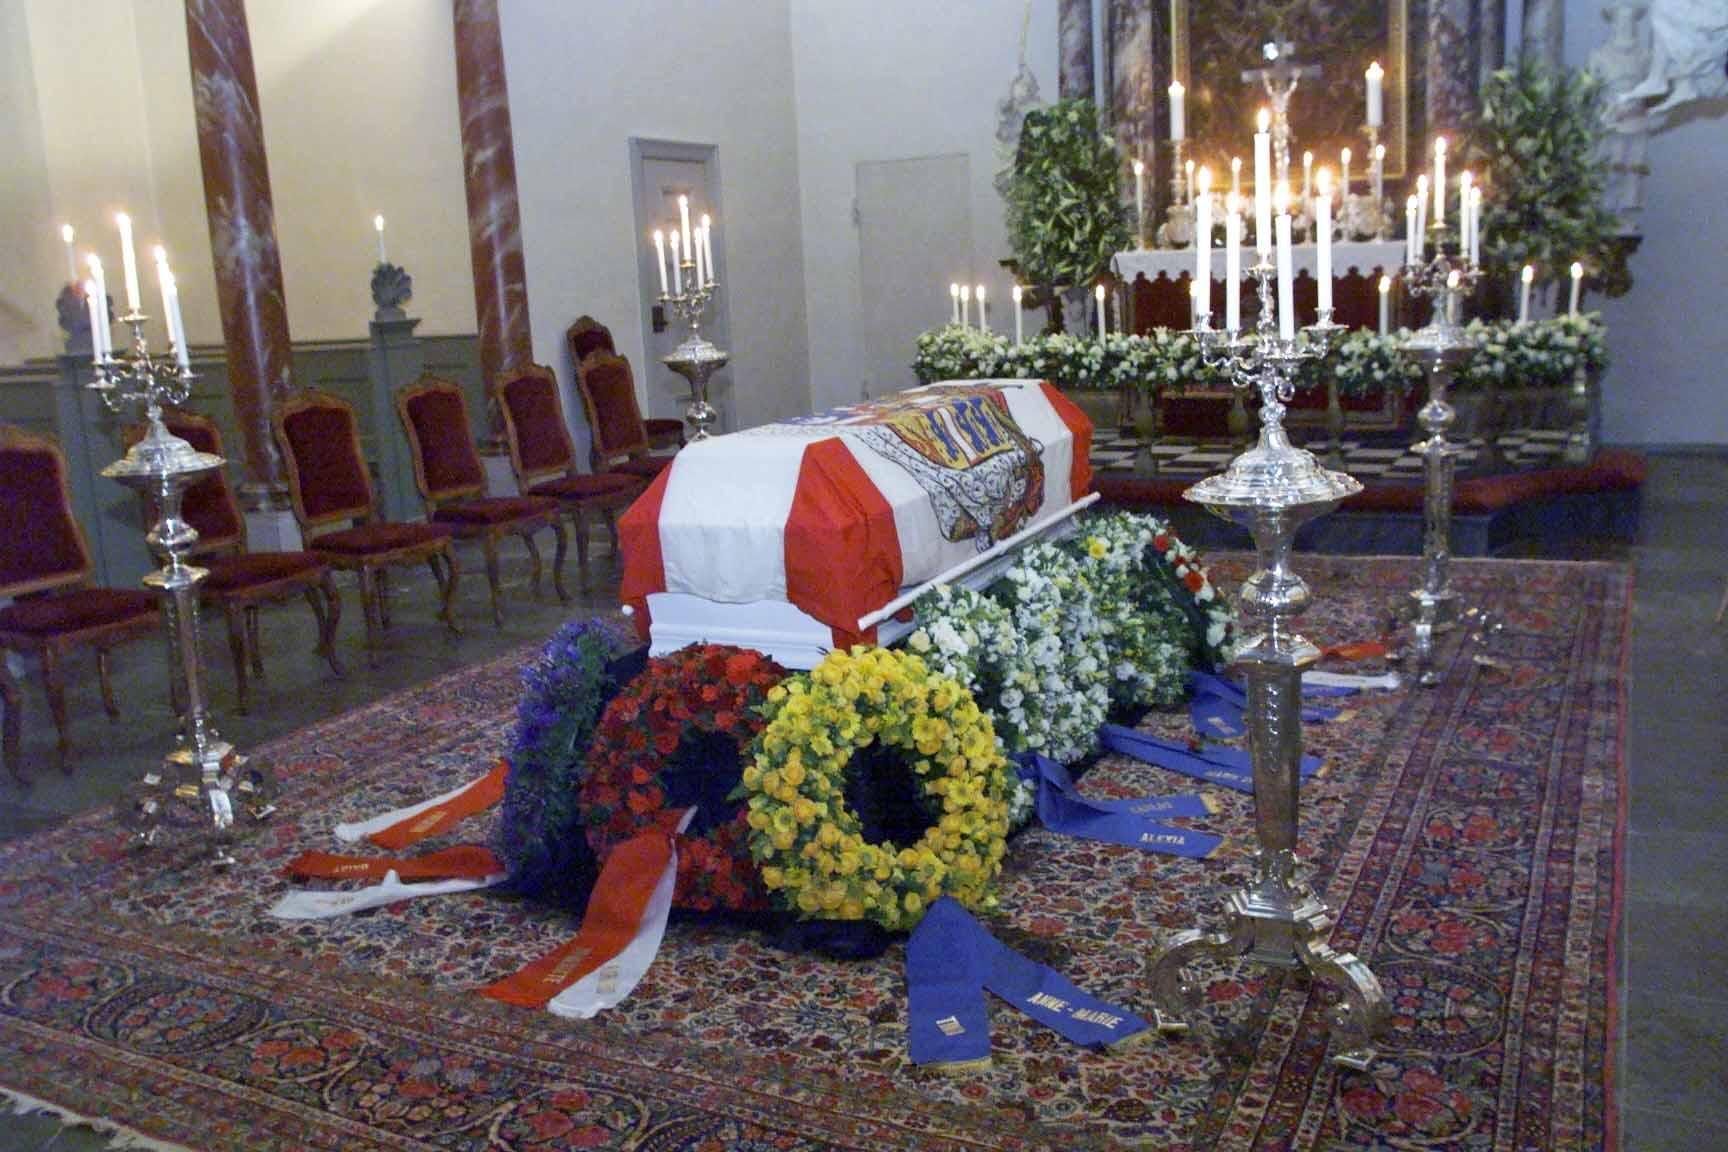 Der Sarg der Königinmutter wurde in der Kapelle von Fredensborg aufgebahrt.